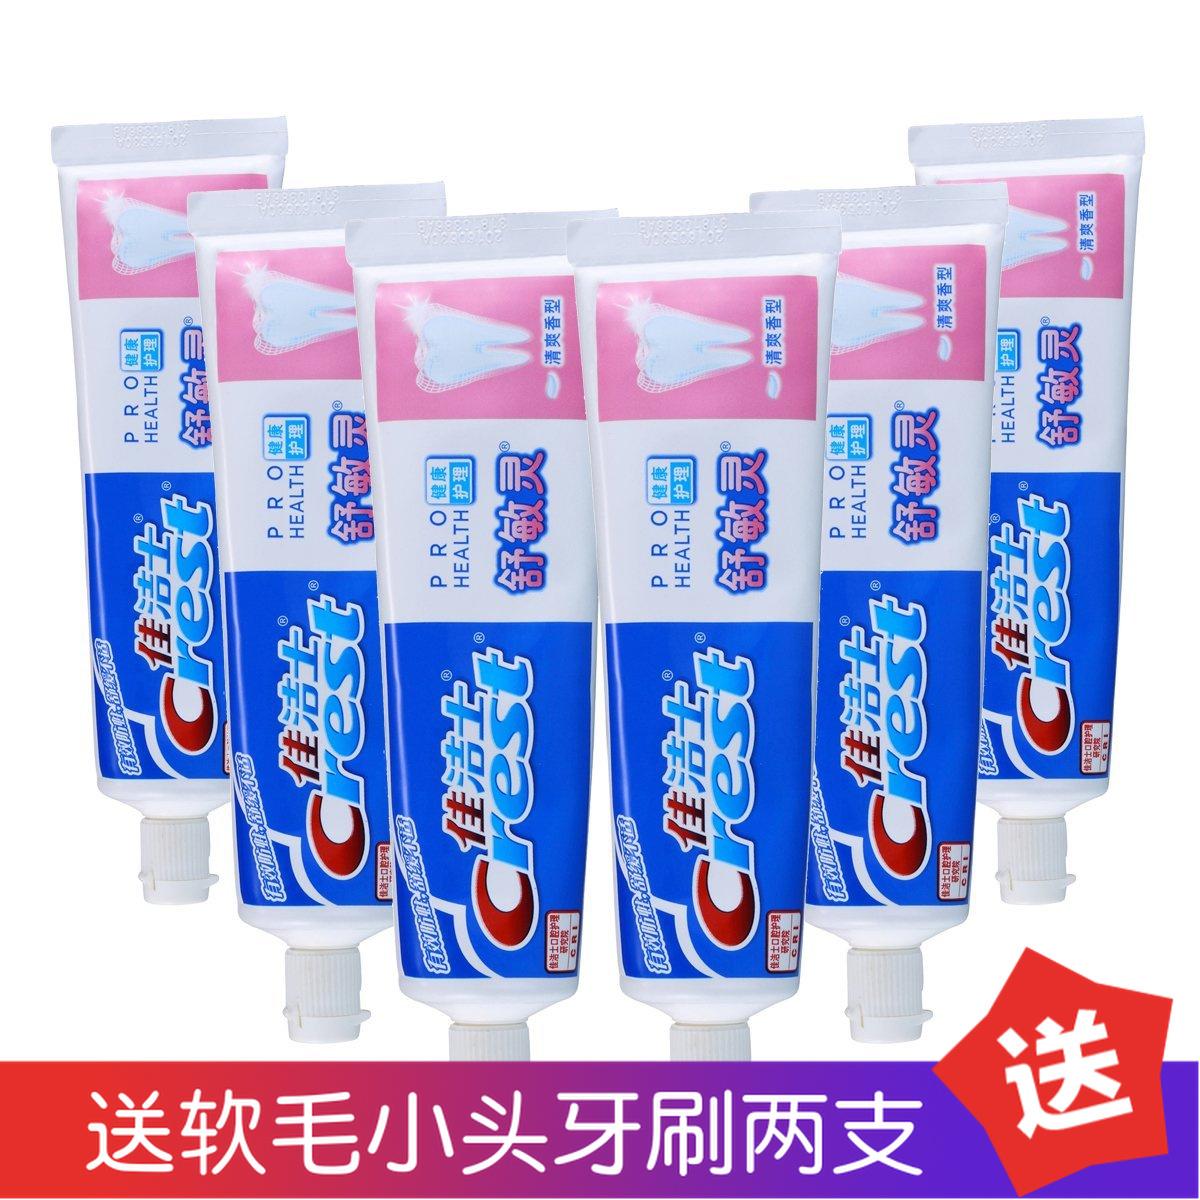 佳潔士舒敏靈牙膏120g六支 crest溫和不敏感牙齒含氟牙膏冷熱正品